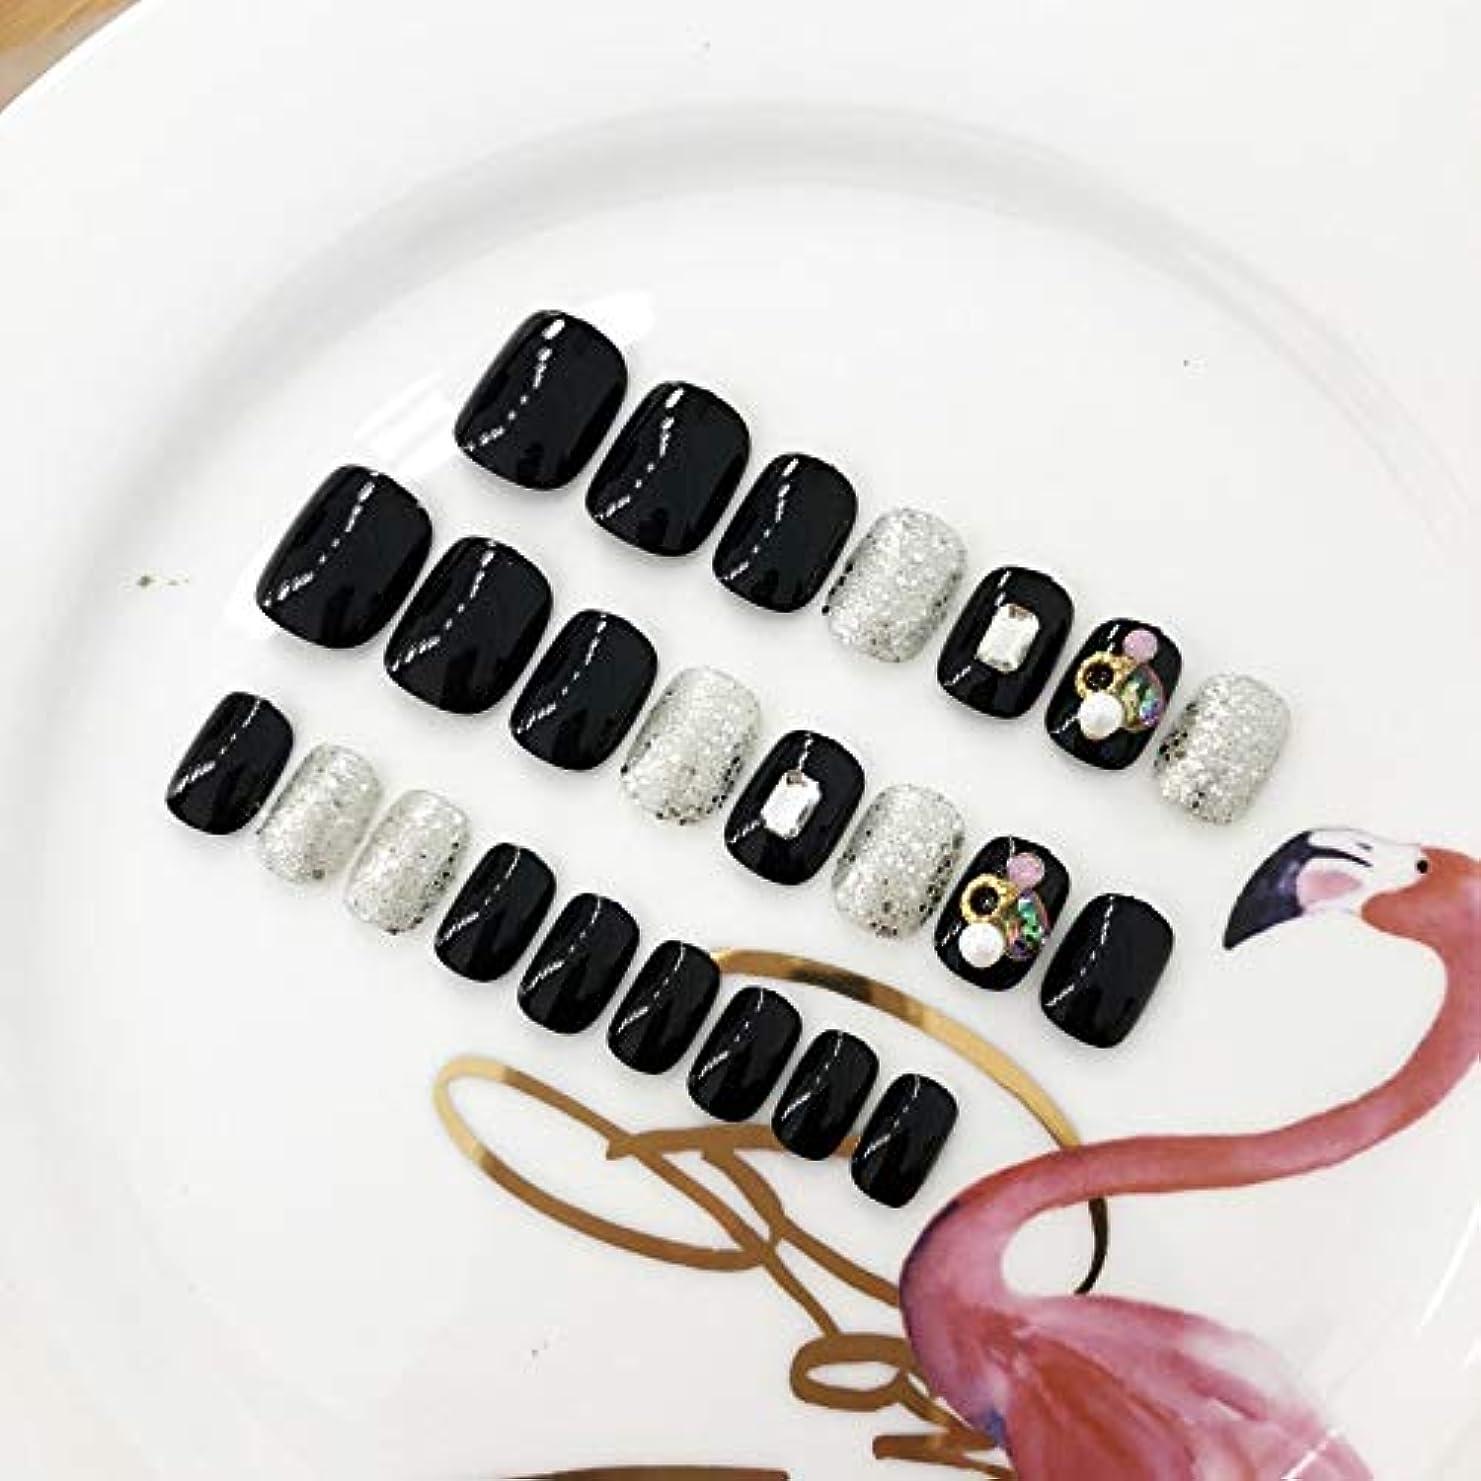 ルーフ郵便ドラフトXUANHU HOME 24個12サイズのブラックダイヤモンドネイルパッチ付き偽爪ロングフルカバーネイルチップ(黒)